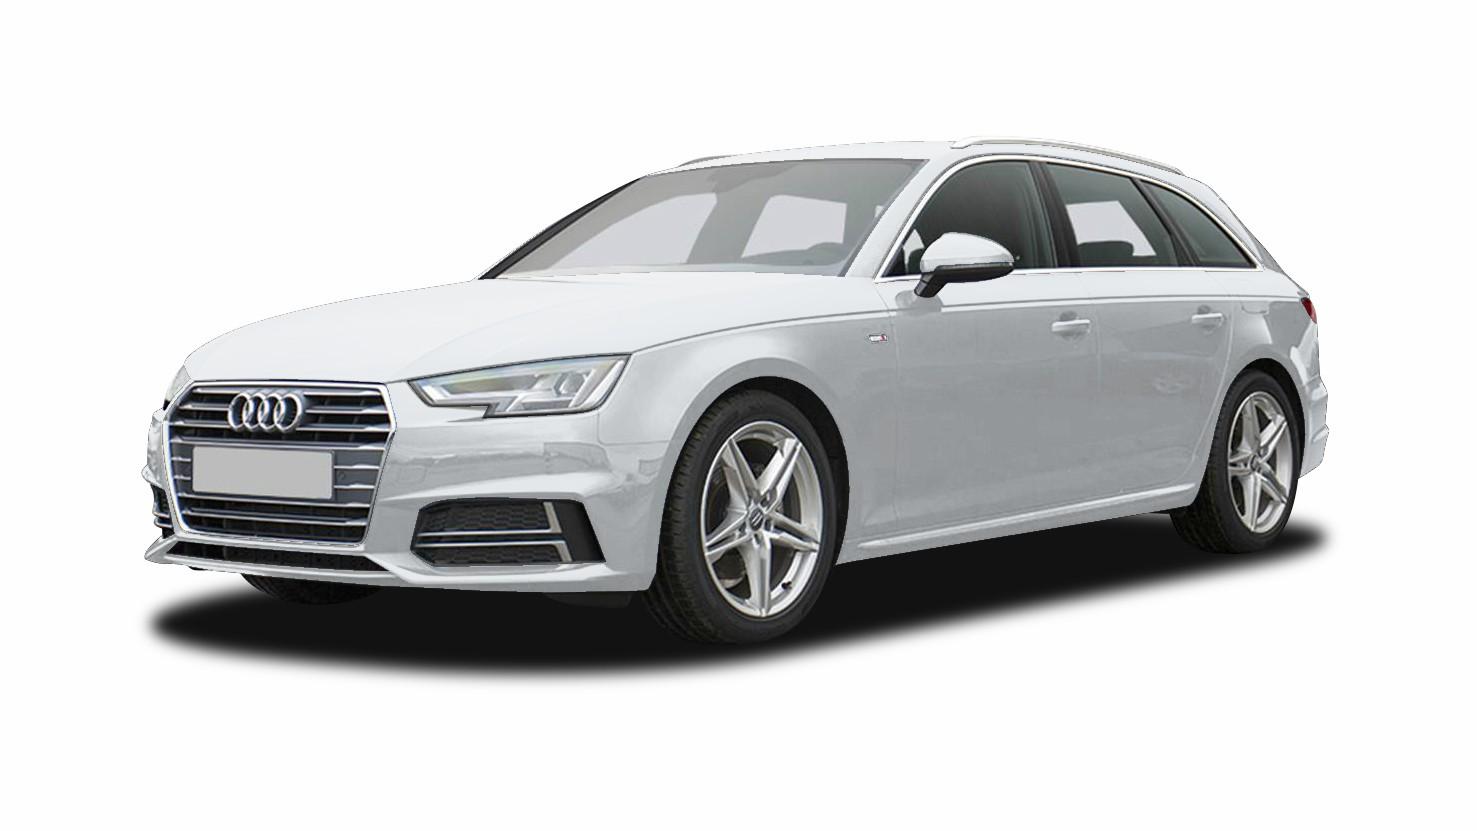 Acheter Audi A4 Avant Nouvelle Base surequipe Tech Base surequipe Tech chez un mandataire auto